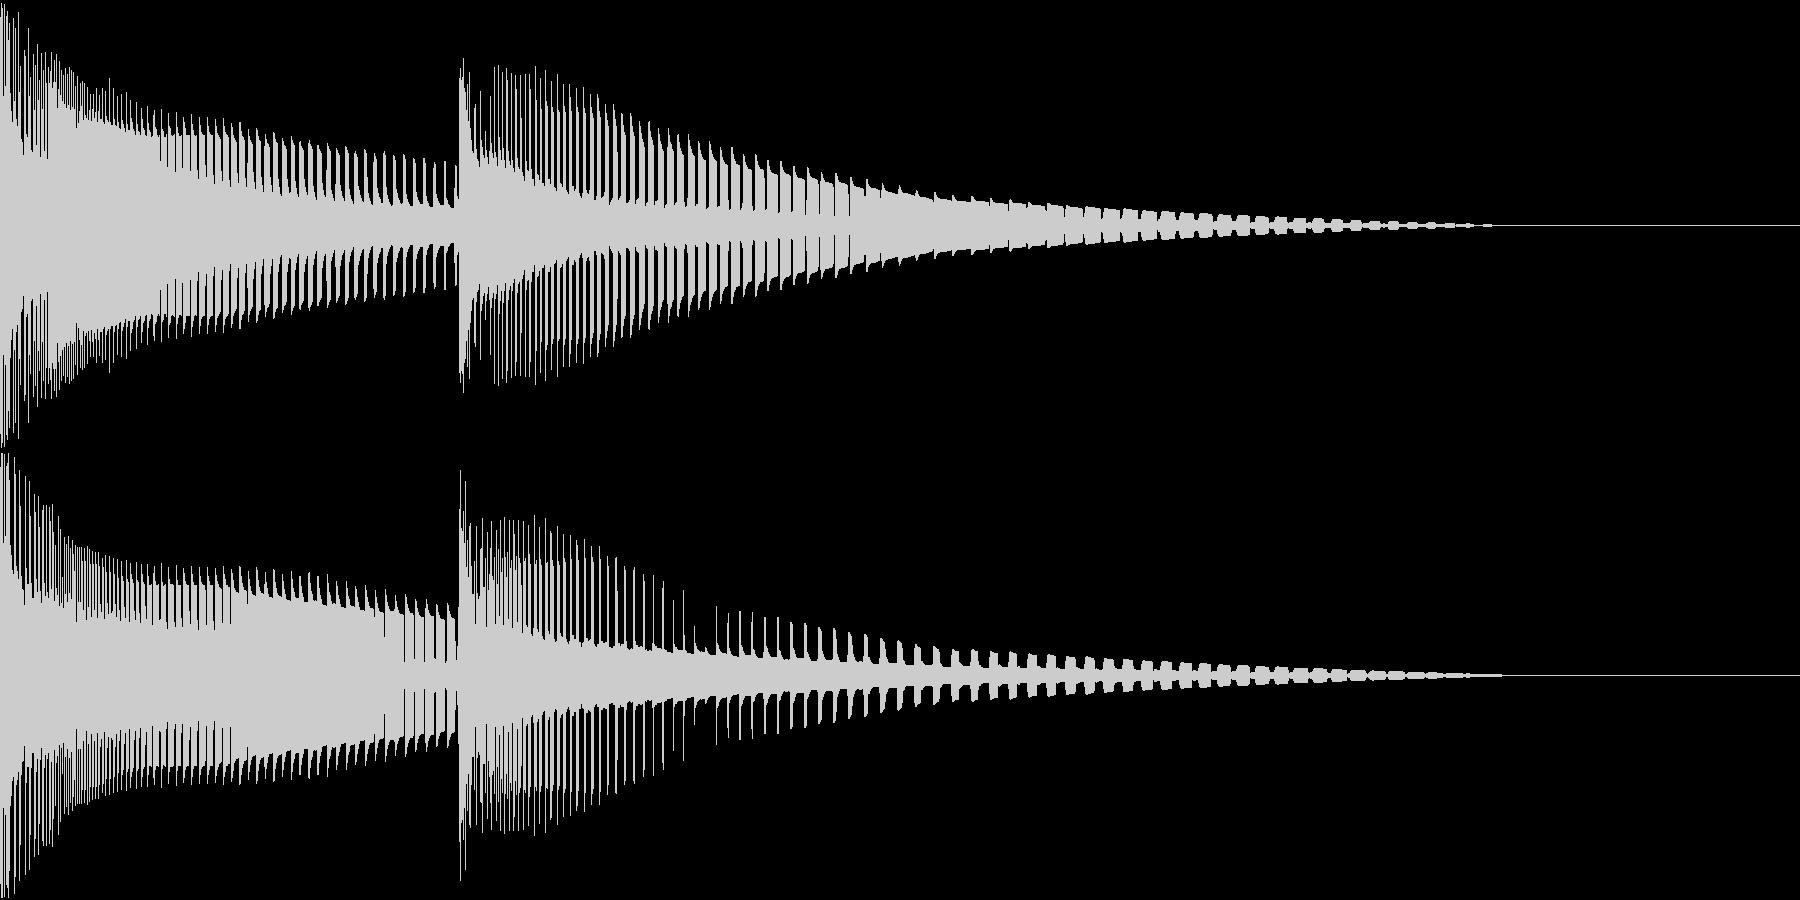 Henteko 可愛いクラッシュ音 4の未再生の波形